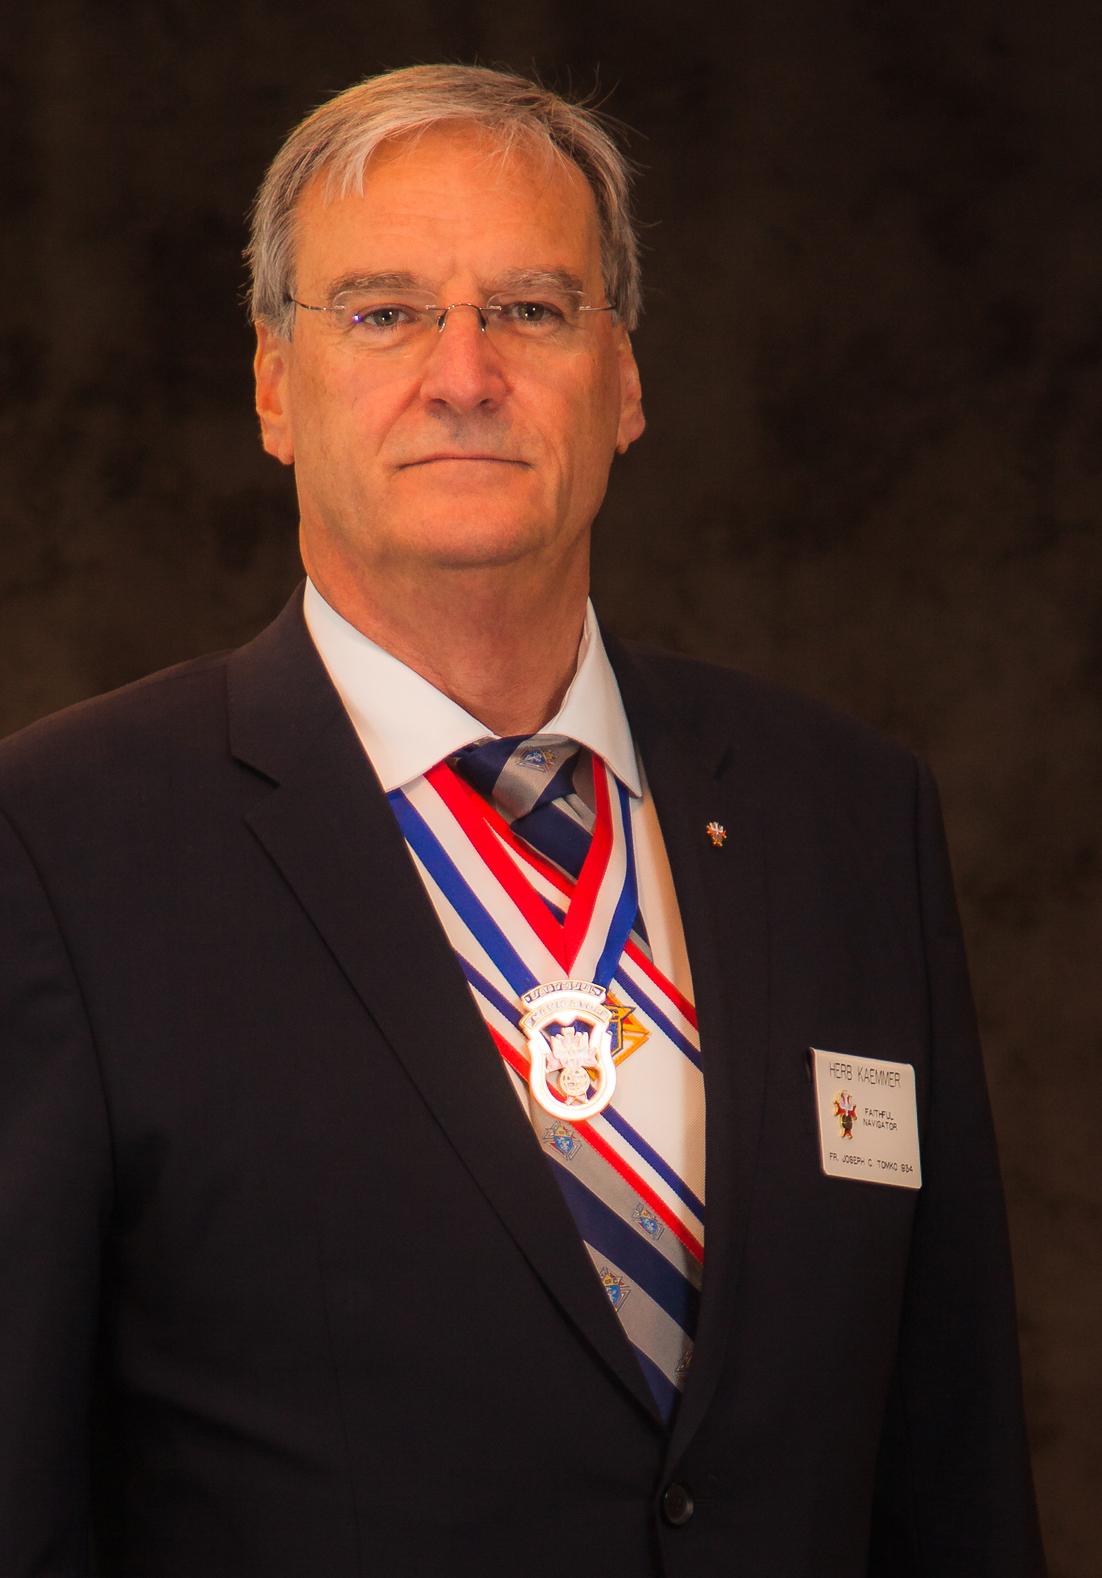 Herb Kaemmer, COMPTROLLER